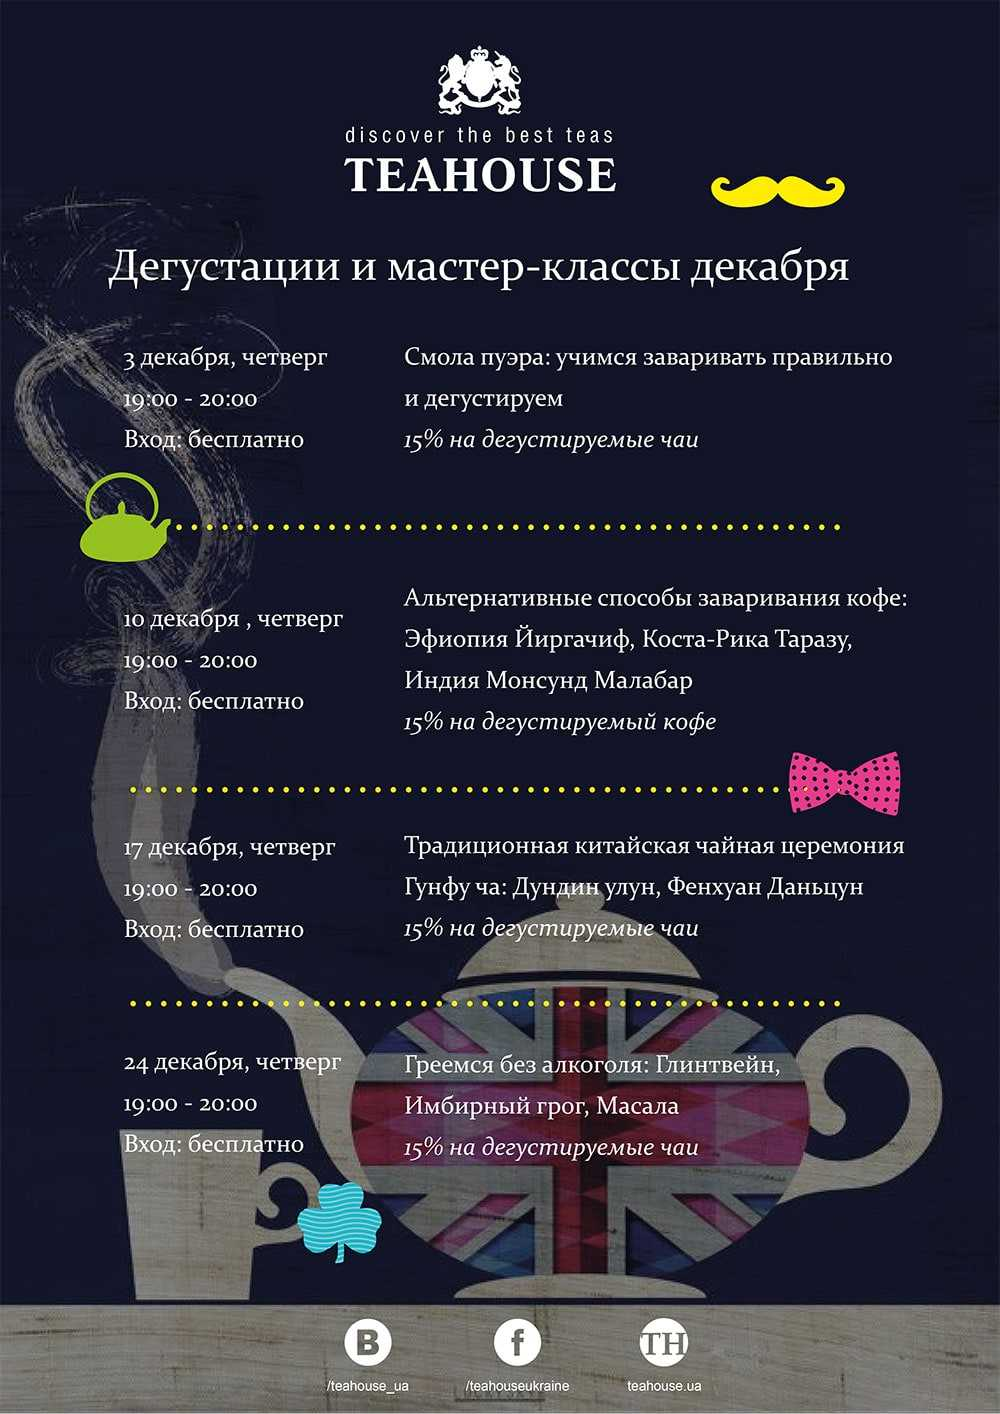 Бесплатные мастер-классы и дегустации декабря